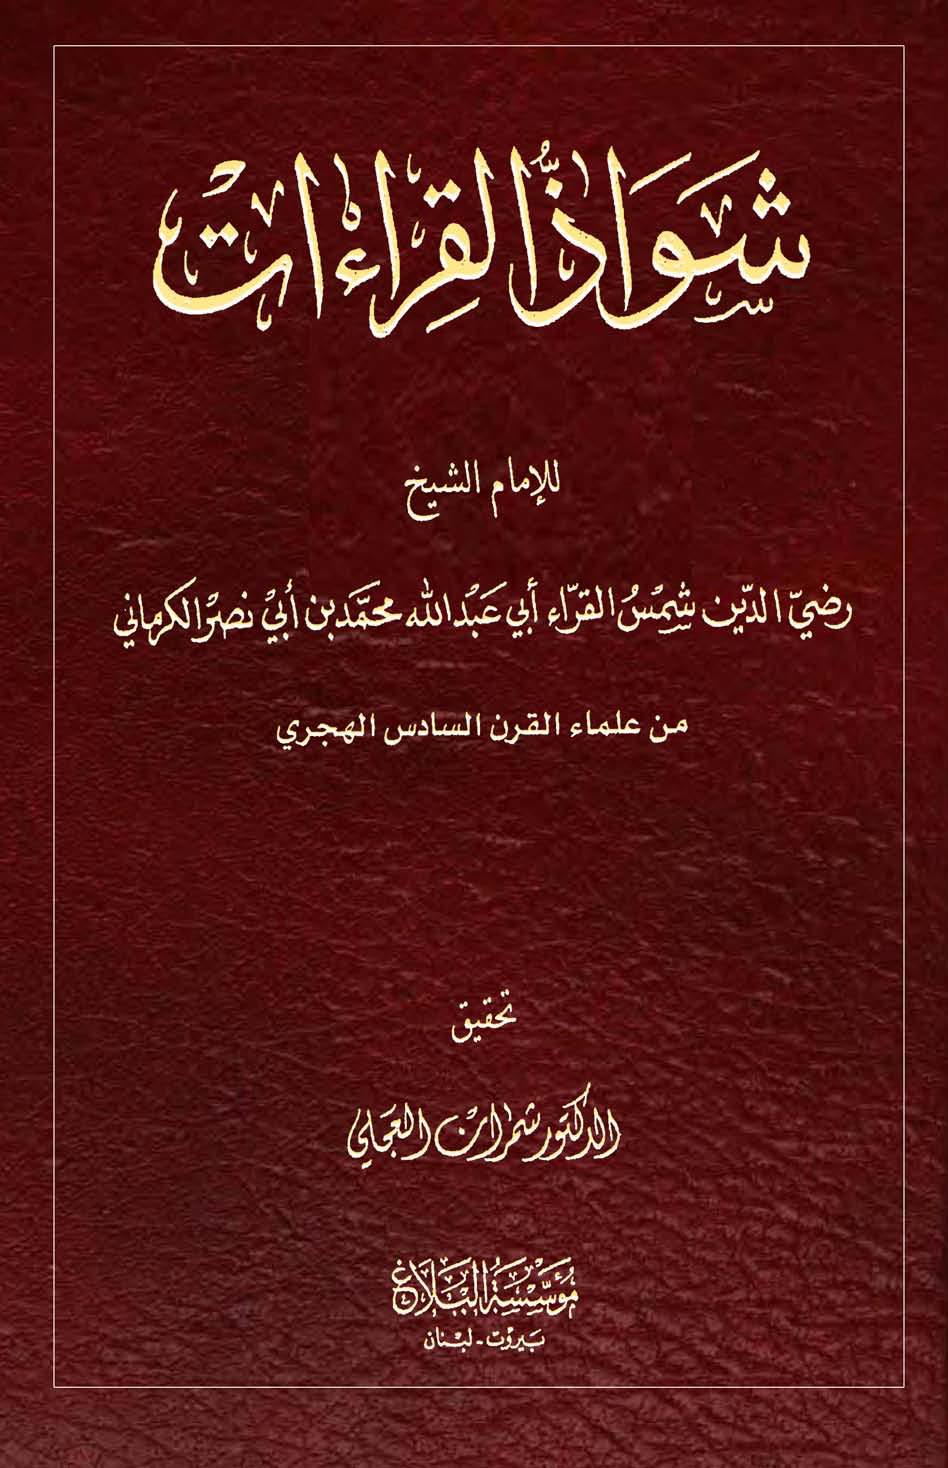 تحميل كتاب شواذ القراءات لـِ: الإمام شمس القراء رضي الدين أبو عبد الله محمد بن أبي نصر بن عبد الله الكرماني (ت بعد 563)